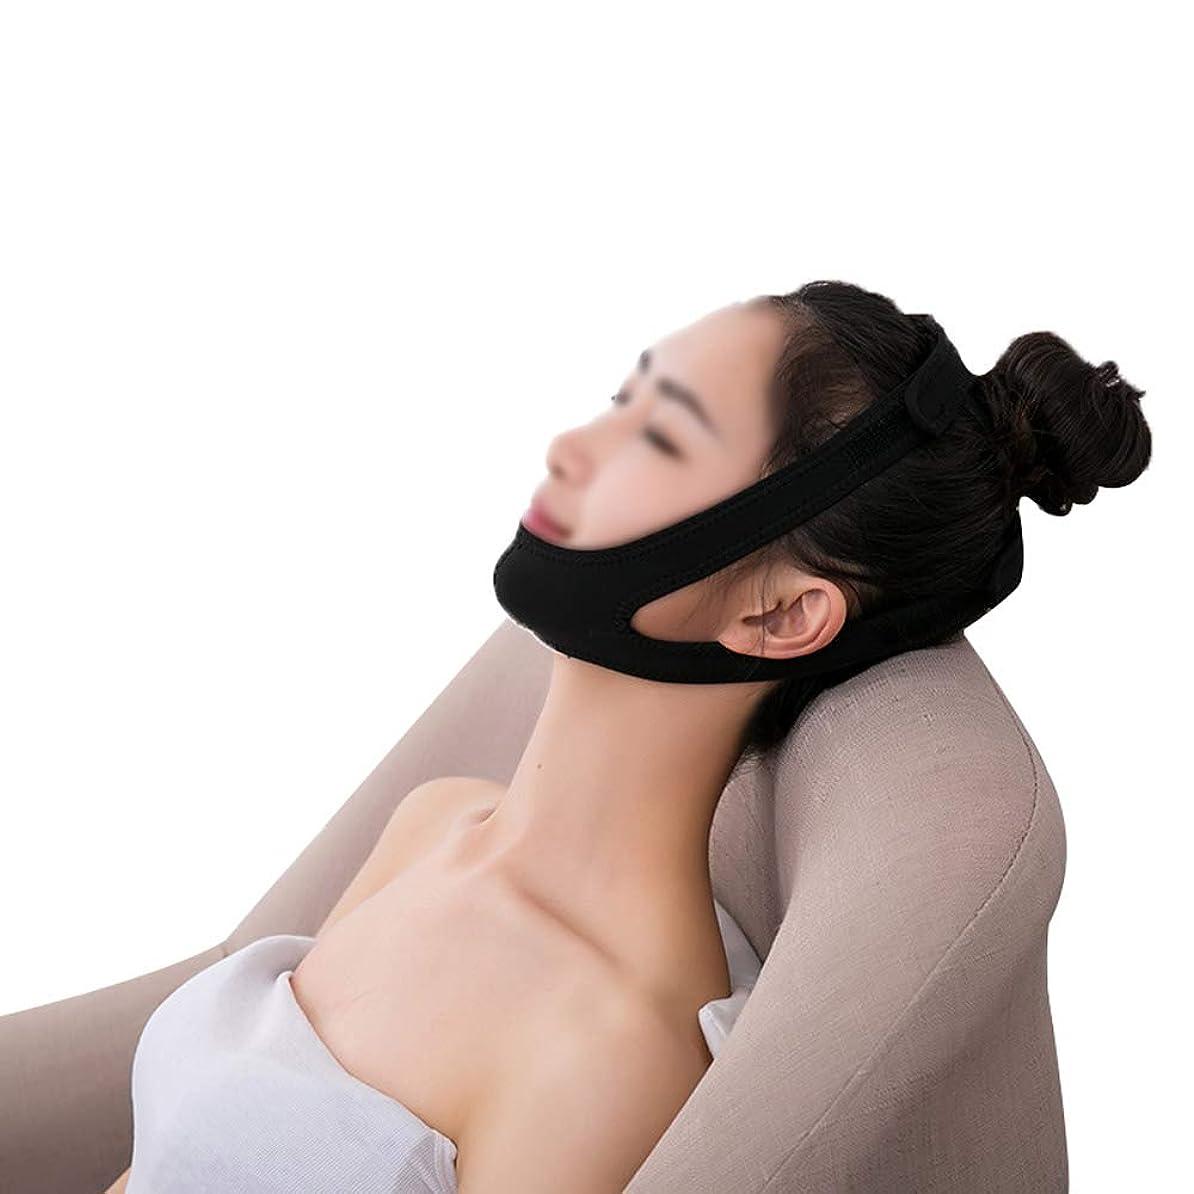 調整非難するプレゼントGLJJQMY リフティングマスク家庭用包帯震えネット赤女性vフェイスステッカーショルダーストラップ表面アーティファクト後引き締めマスク 顔用整形マスク